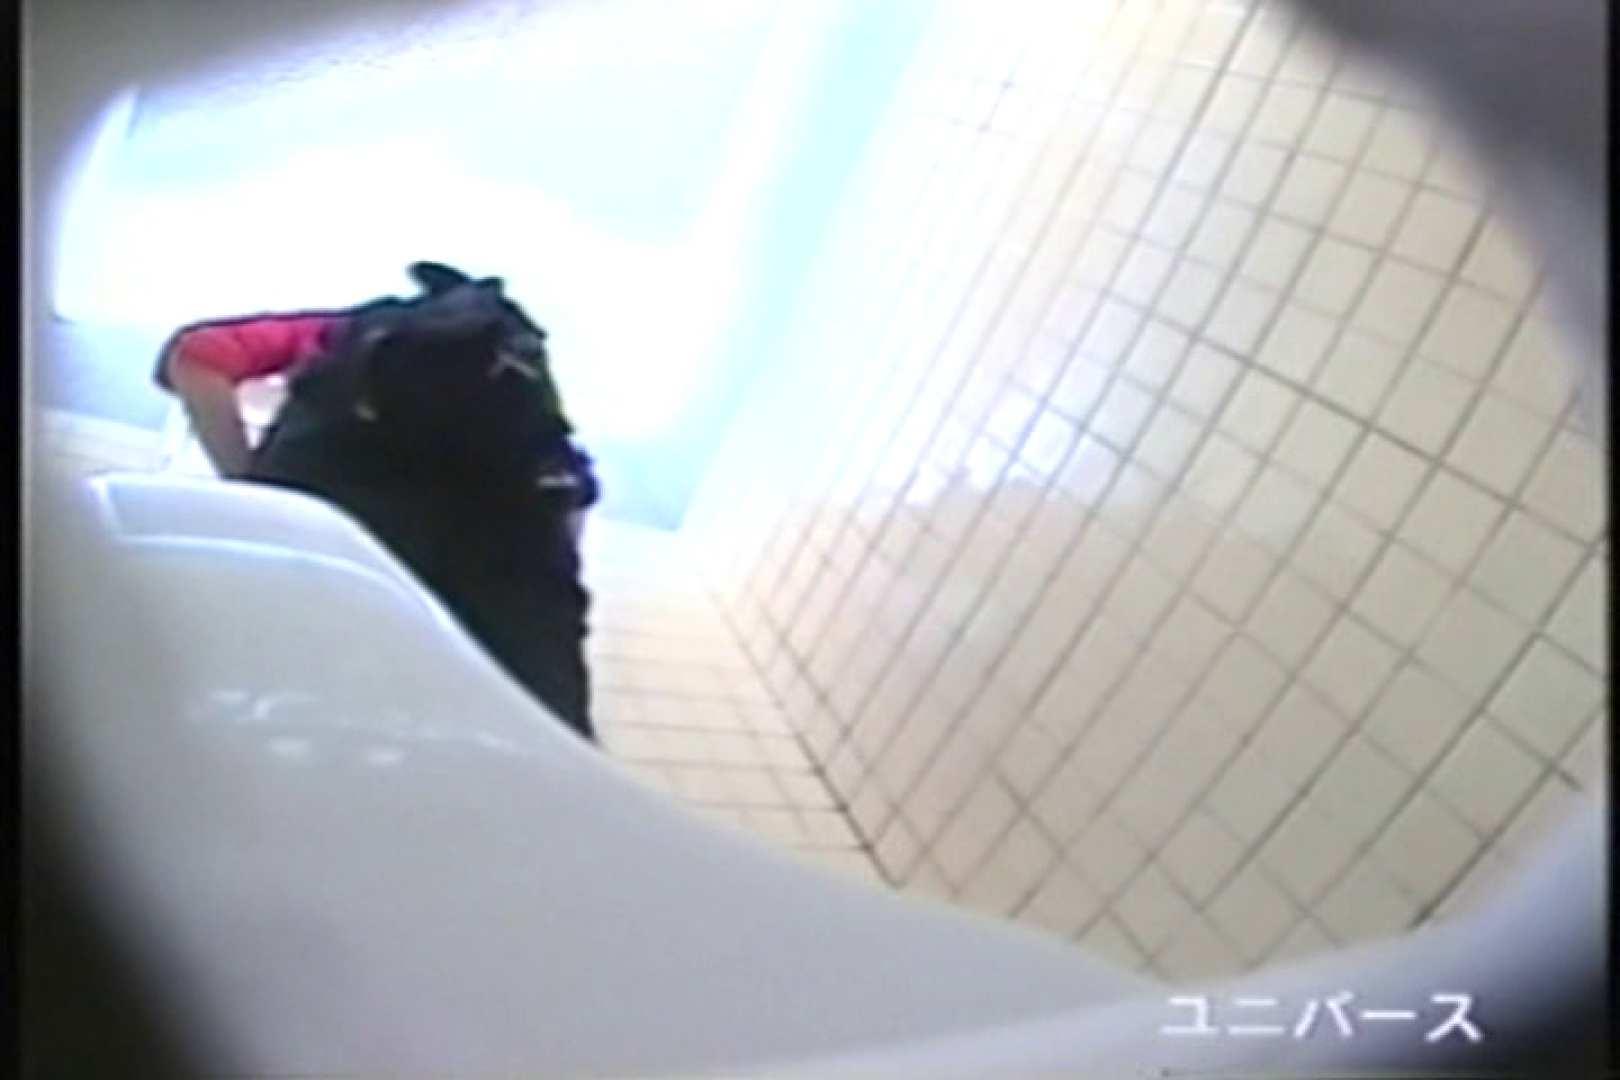 下半身シースルー洗面所Vol.6 洗面所はめどり | ギャルのエロ動画  69画像 10